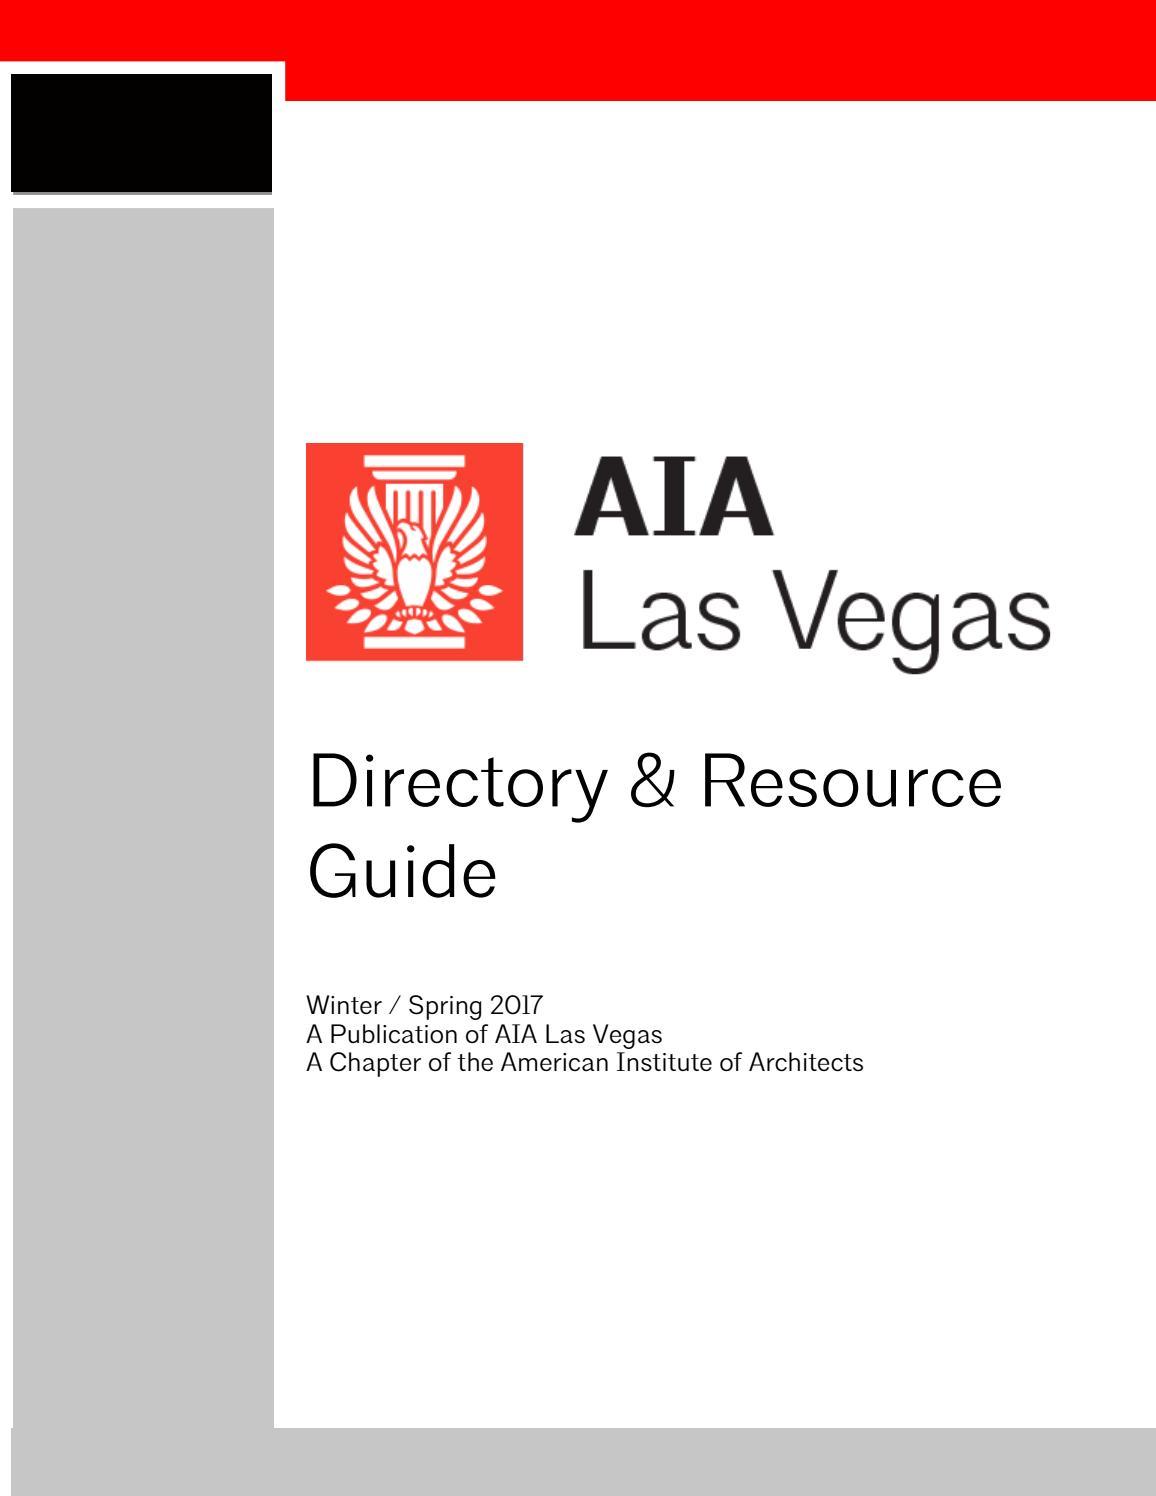 2017 aia las vegas directory by ev u0026a architects issuu